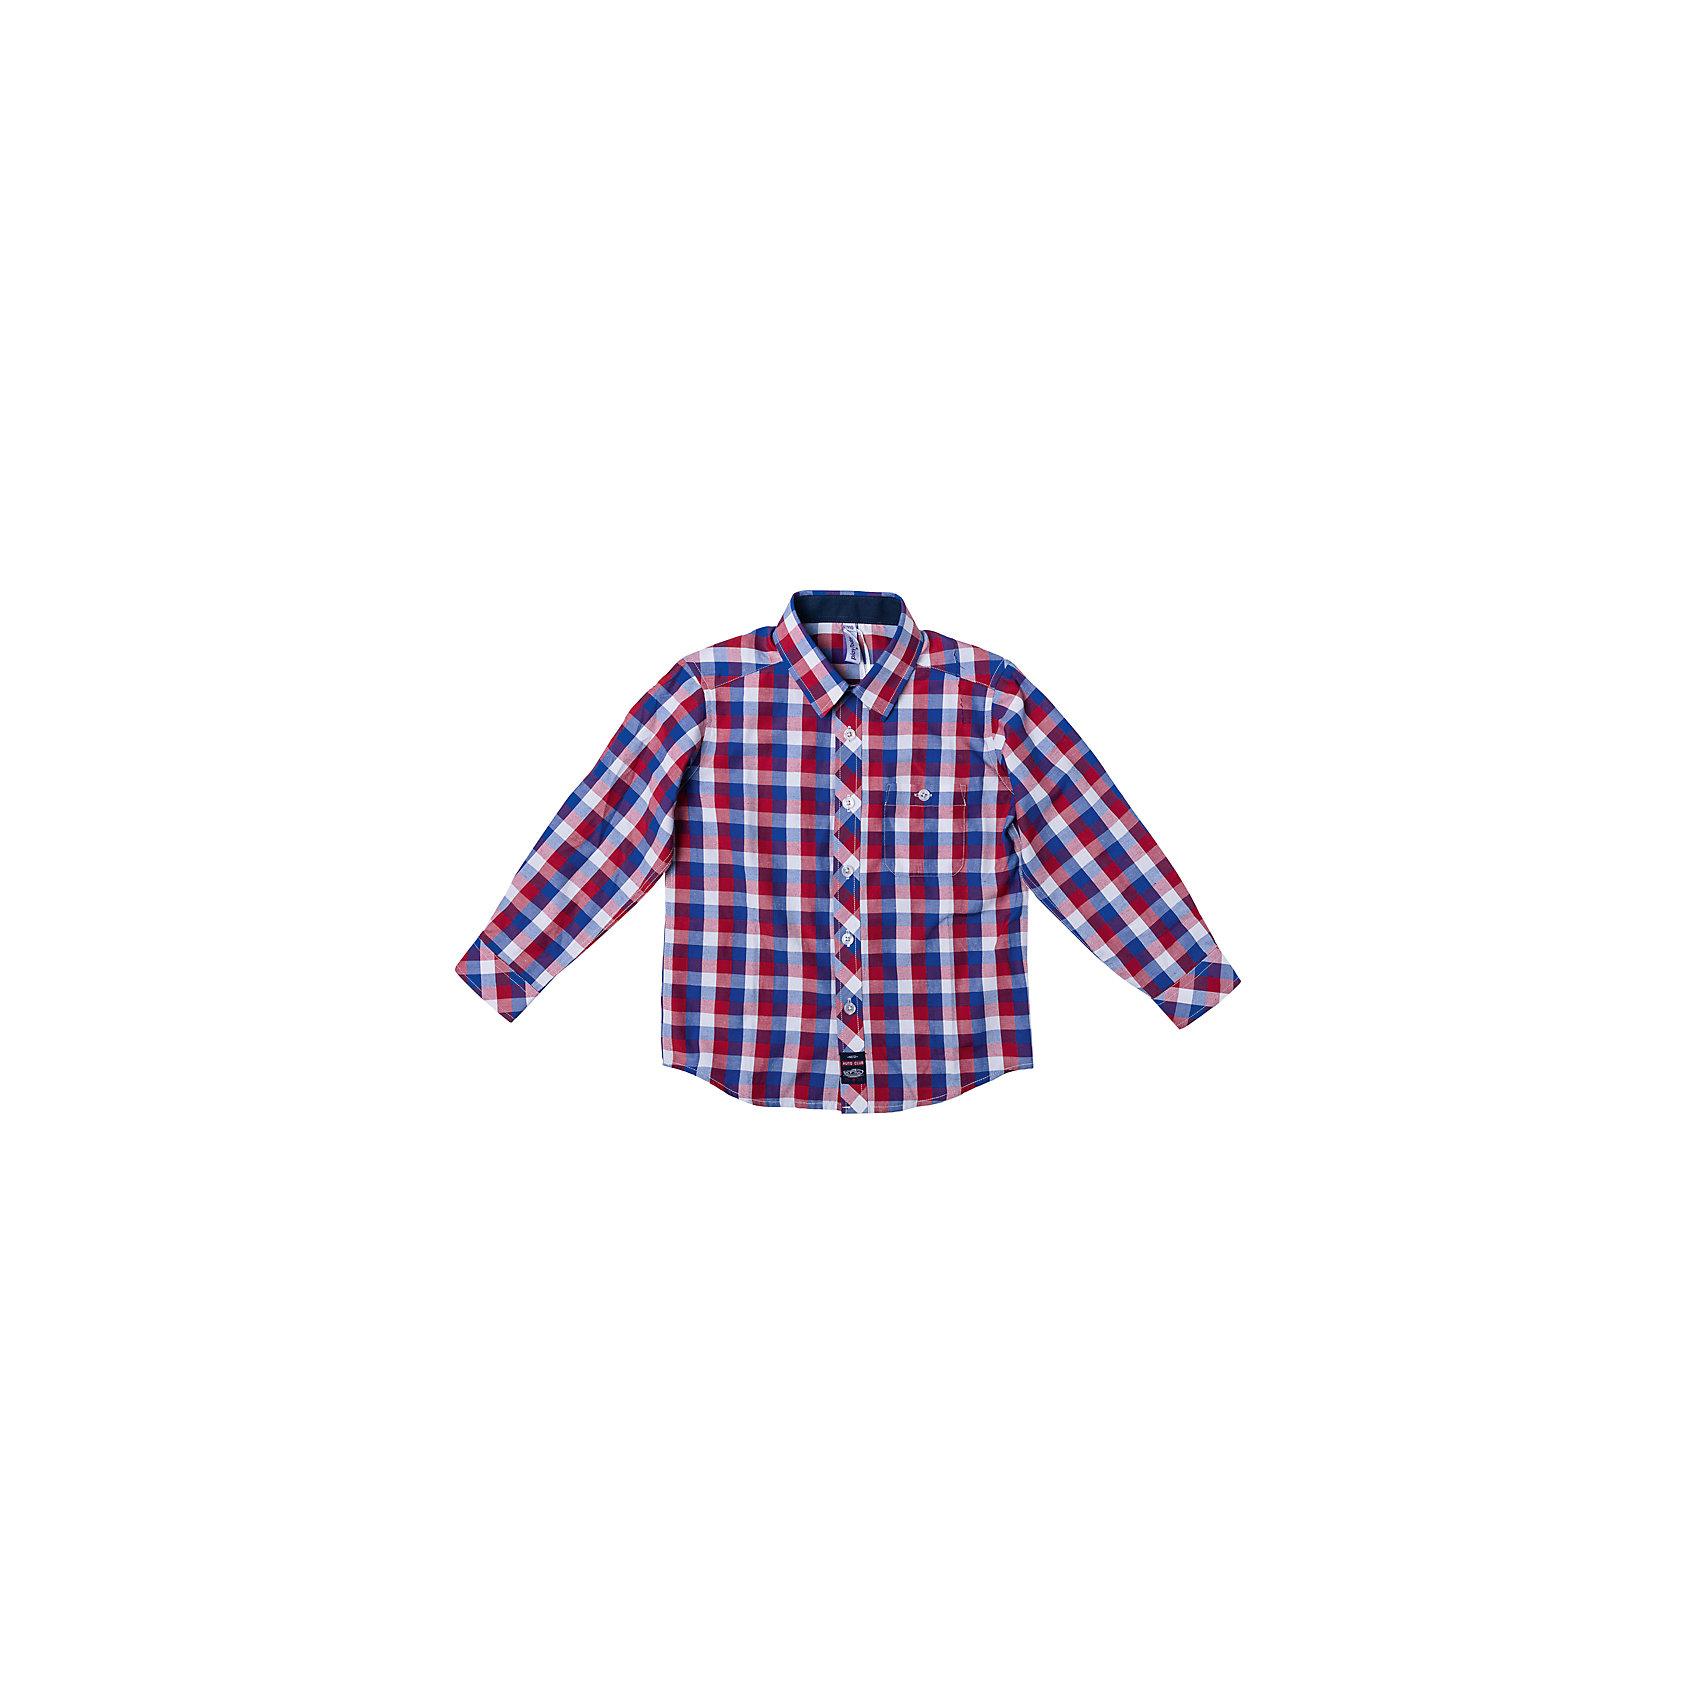 Рубашка для мальчика PlayTodayБлузки и рубашки<br>Характеристики товара:<br><br>• цвет: разноцветный<br>• состав: 80% хлопок, 20% полиэстер<br>• карман<br>• дышащий материал<br>• длинные рукава<br>• застежки: пуговицы<br>• воротник отложной<br>• комфортная посадка<br>• коллекция: весна-лето 2017<br>• страна бренда: Германия<br>• страна производства: Китай<br><br>Популярный бренд PlayToday выпустил новую коллекцию! Вещи из неё продолжают радовать покупателей удобством, стильным дизайном и продуманным кроем. Дети носят их с удовольствием. PlayToday - это линейка товаров, созданная специально для детей. Дизайнеры учитывают новые веяния моды и потребности детей. Порадуйте ребенка обновкой от проверенного производителя!<br>Такая стильная модель обеспечит ребенку комфорт благодаря качественному материалу и продуманному крою. С помощью неё можно удобно одеться по погоде. Очень модная вещь! Симпатично выглядит и долго служит.<br><br>Сорочку для мальчика от известного бренда PlayToday можно купить в нашем интернет-магазине.<br><br>Ширина мм: 174<br>Глубина мм: 10<br>Высота мм: 169<br>Вес г: 157<br>Цвет: белый<br>Возраст от месяцев: 48<br>Возраст до месяцев: 60<br>Пол: Мужской<br>Возраст: Детский<br>Размер: 110,116,122,128,98,104<br>SKU: 5401936